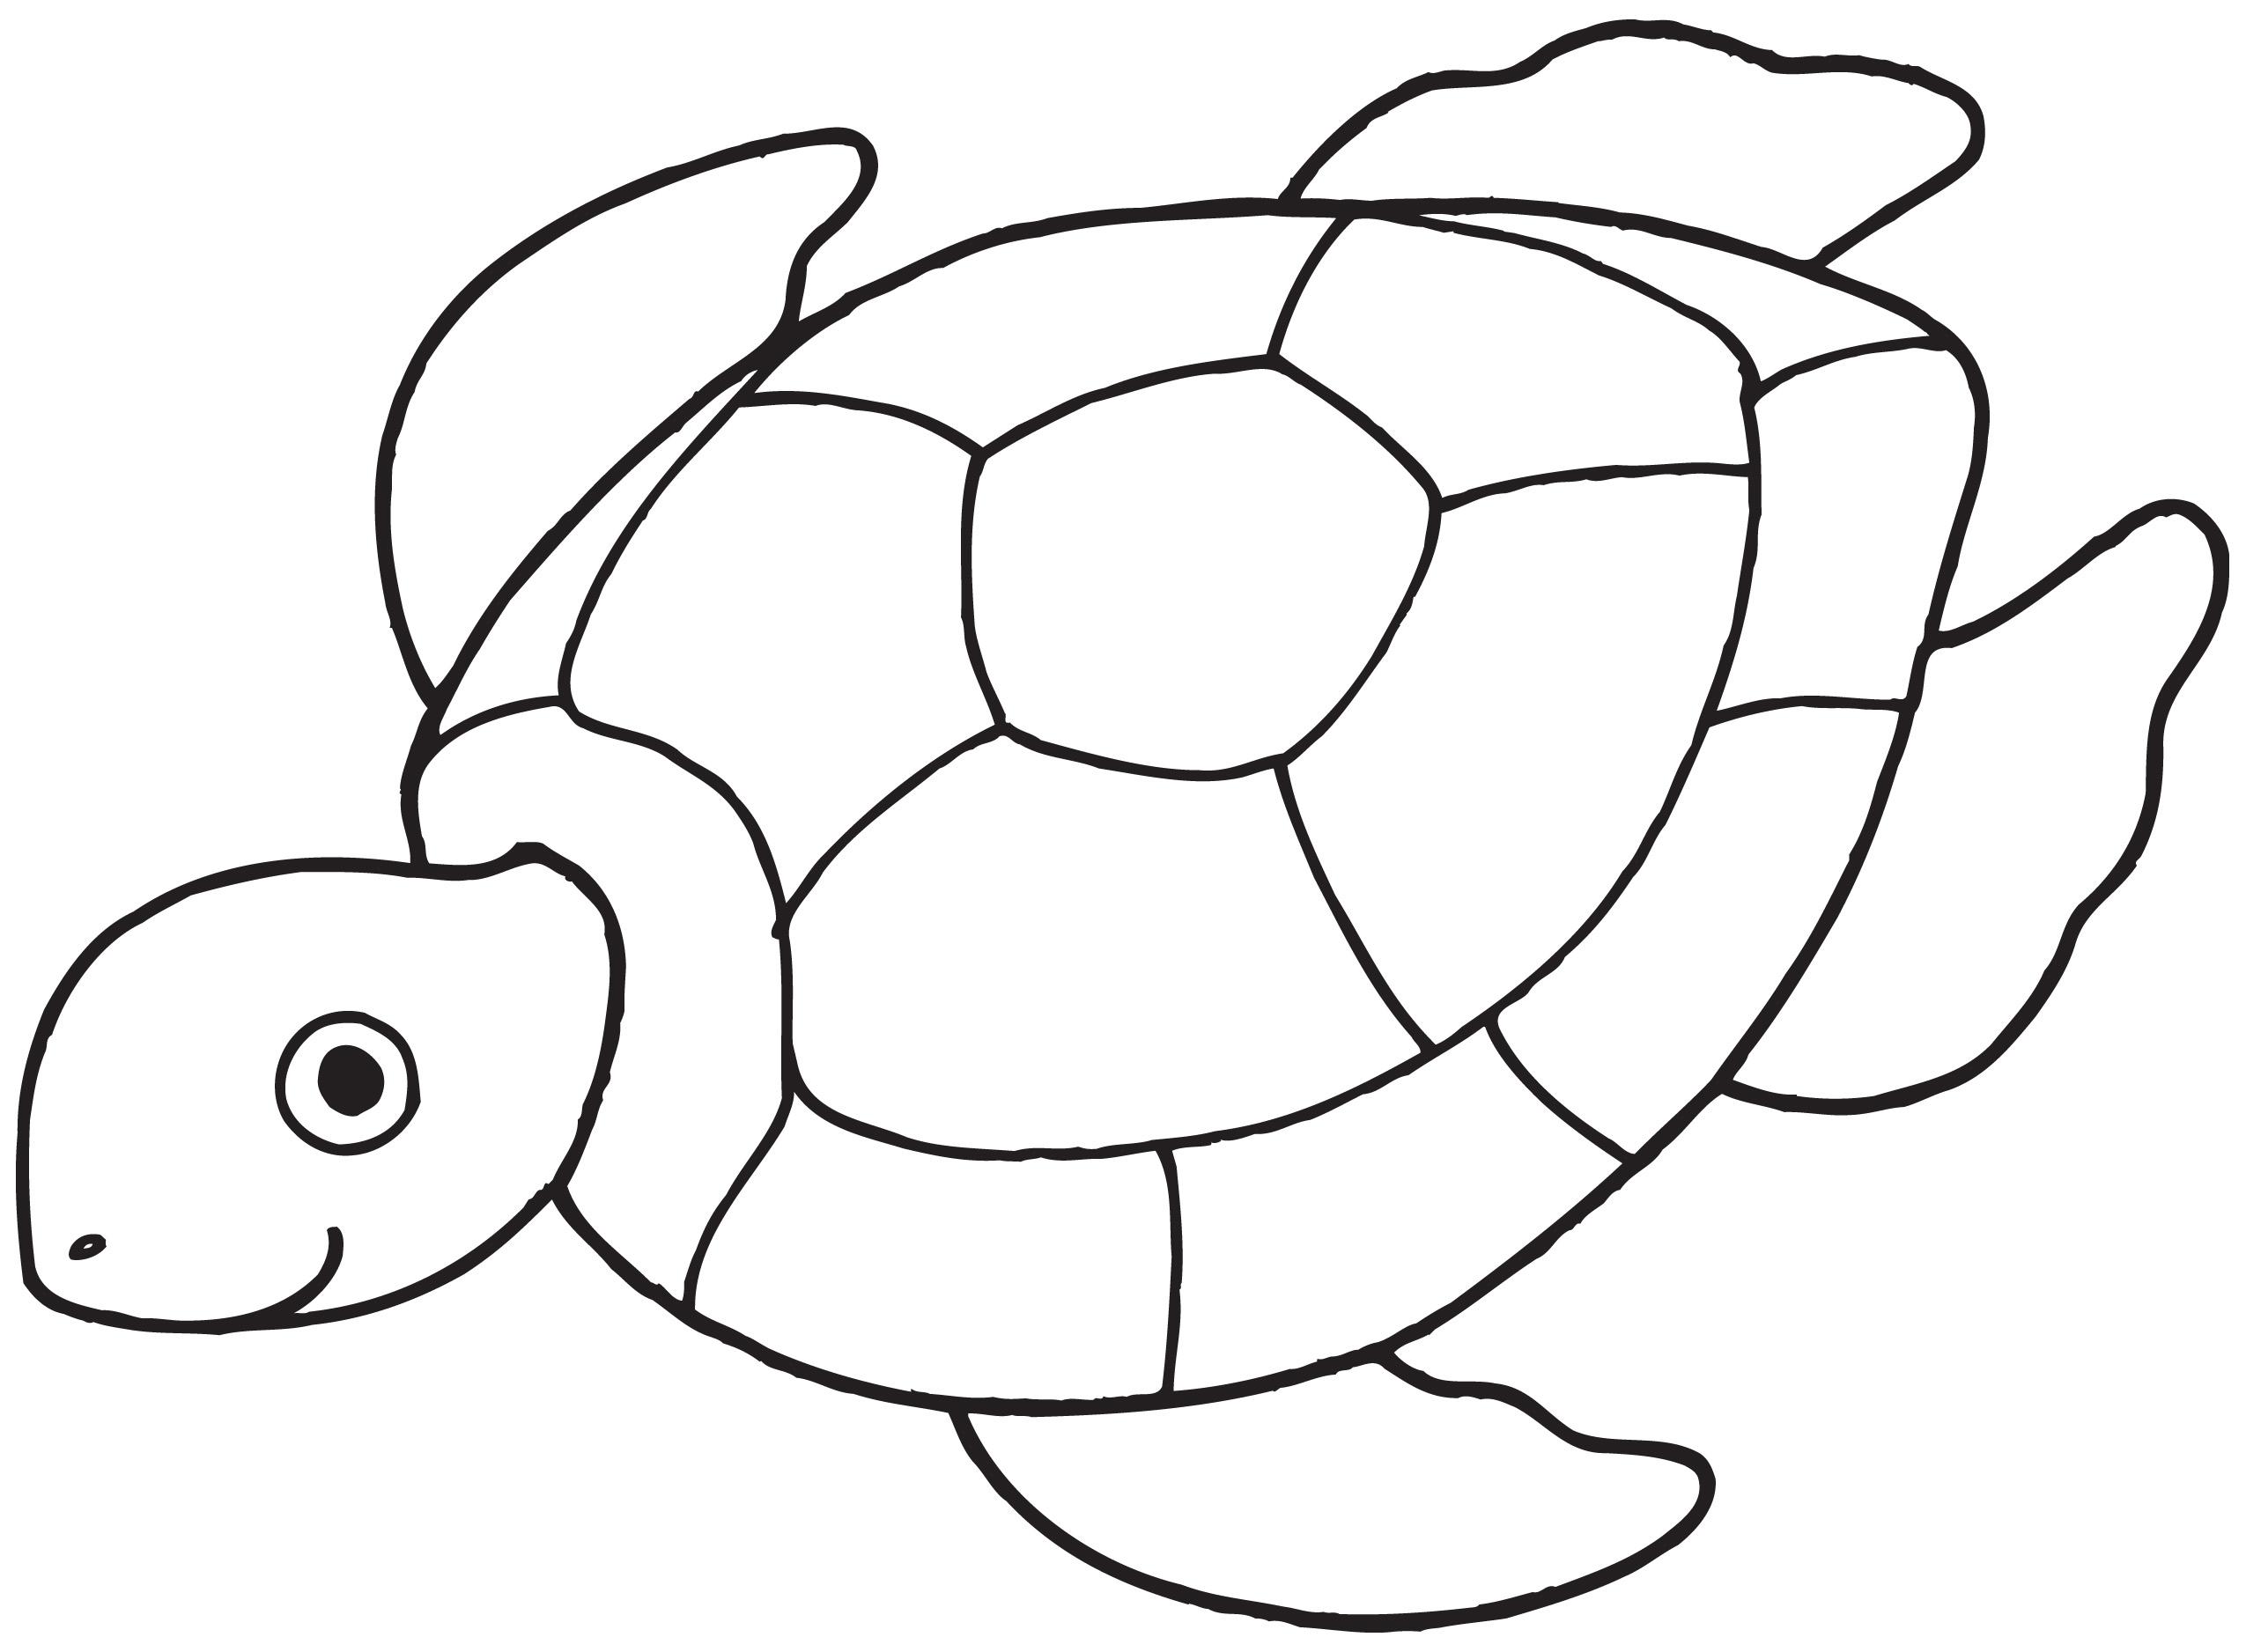 2550x1876 Turtle Clip Art Sea Turtle Black And White